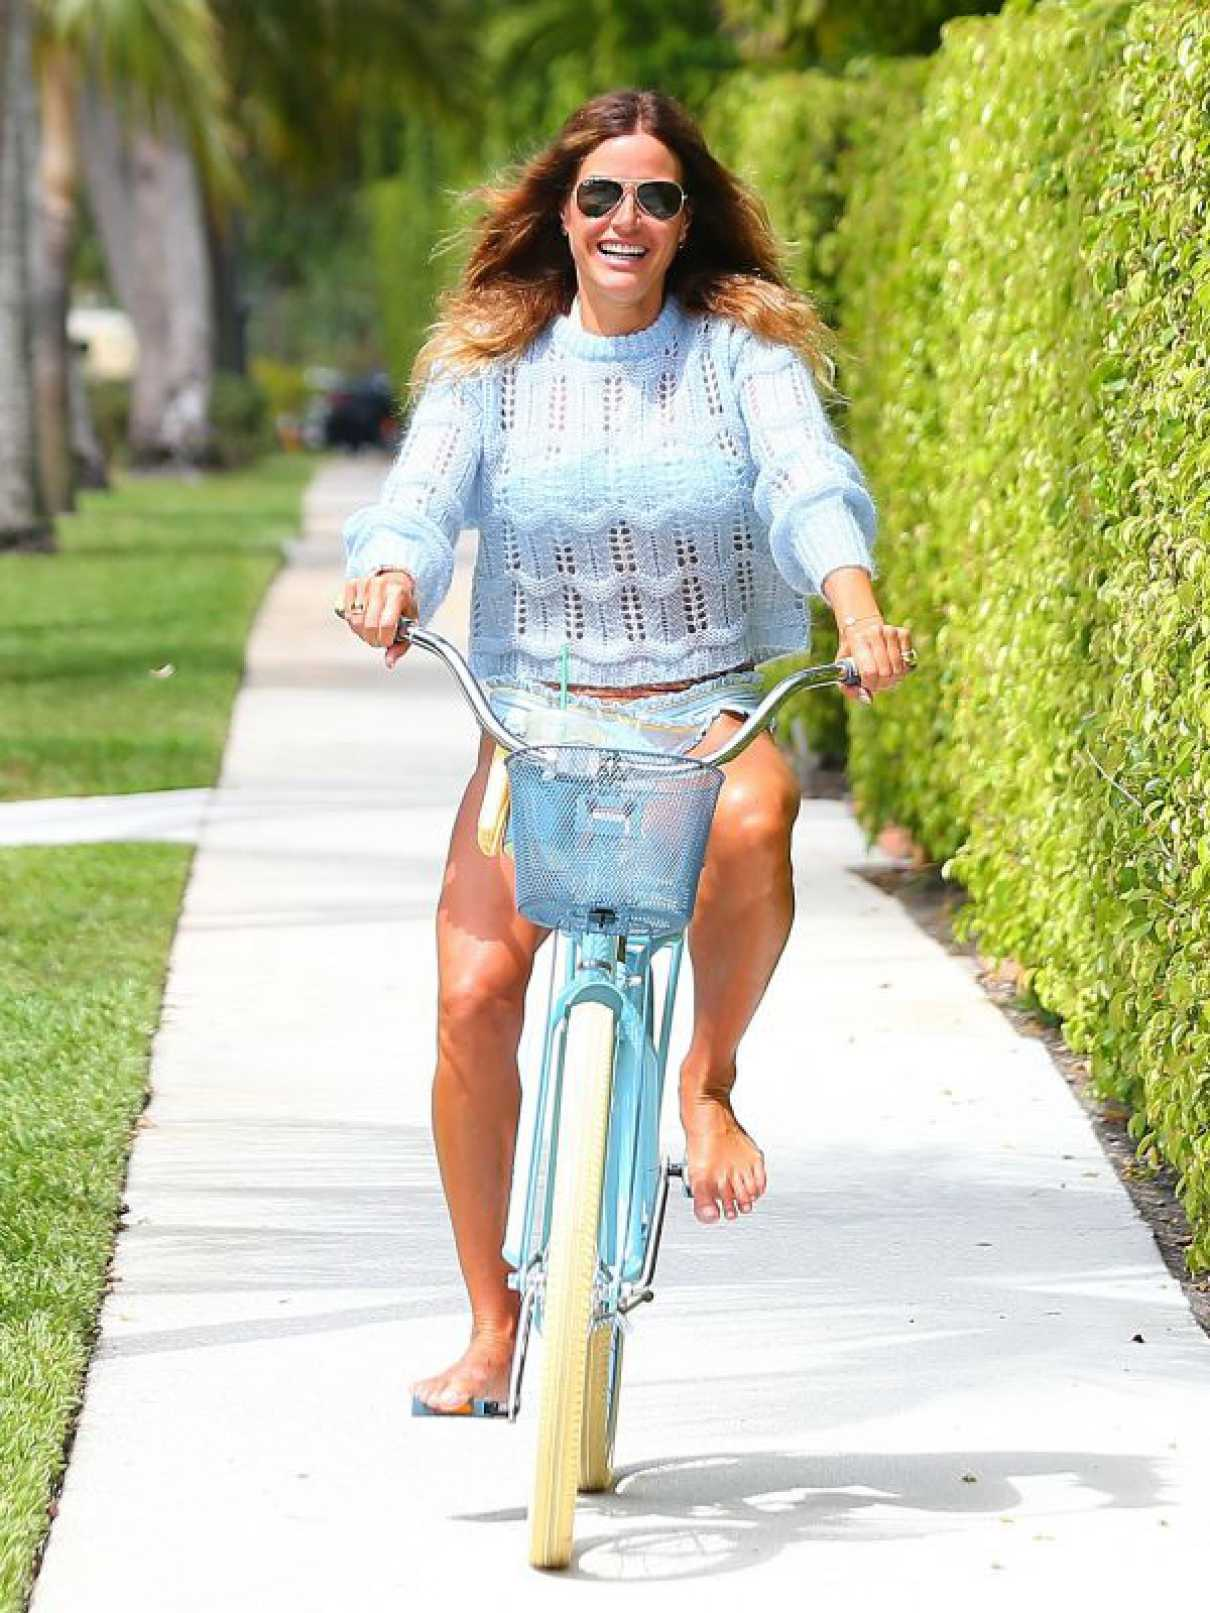 Kelly Bensimon in a Blue Bikini